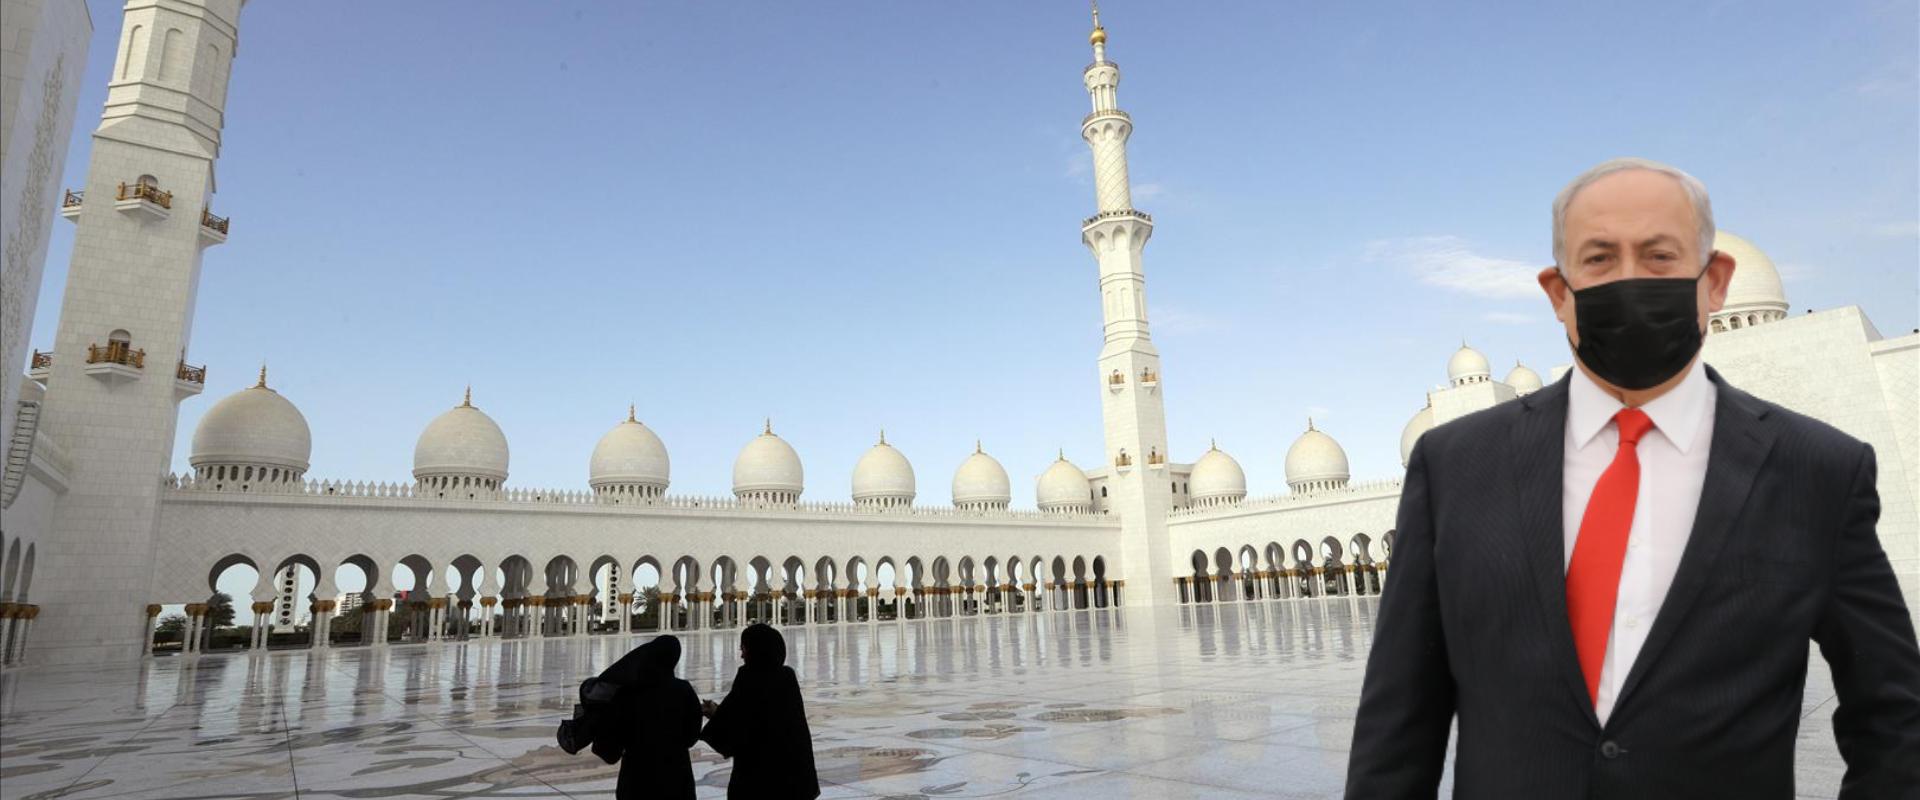 נתניהו על רקע מסגד באבו דאבי